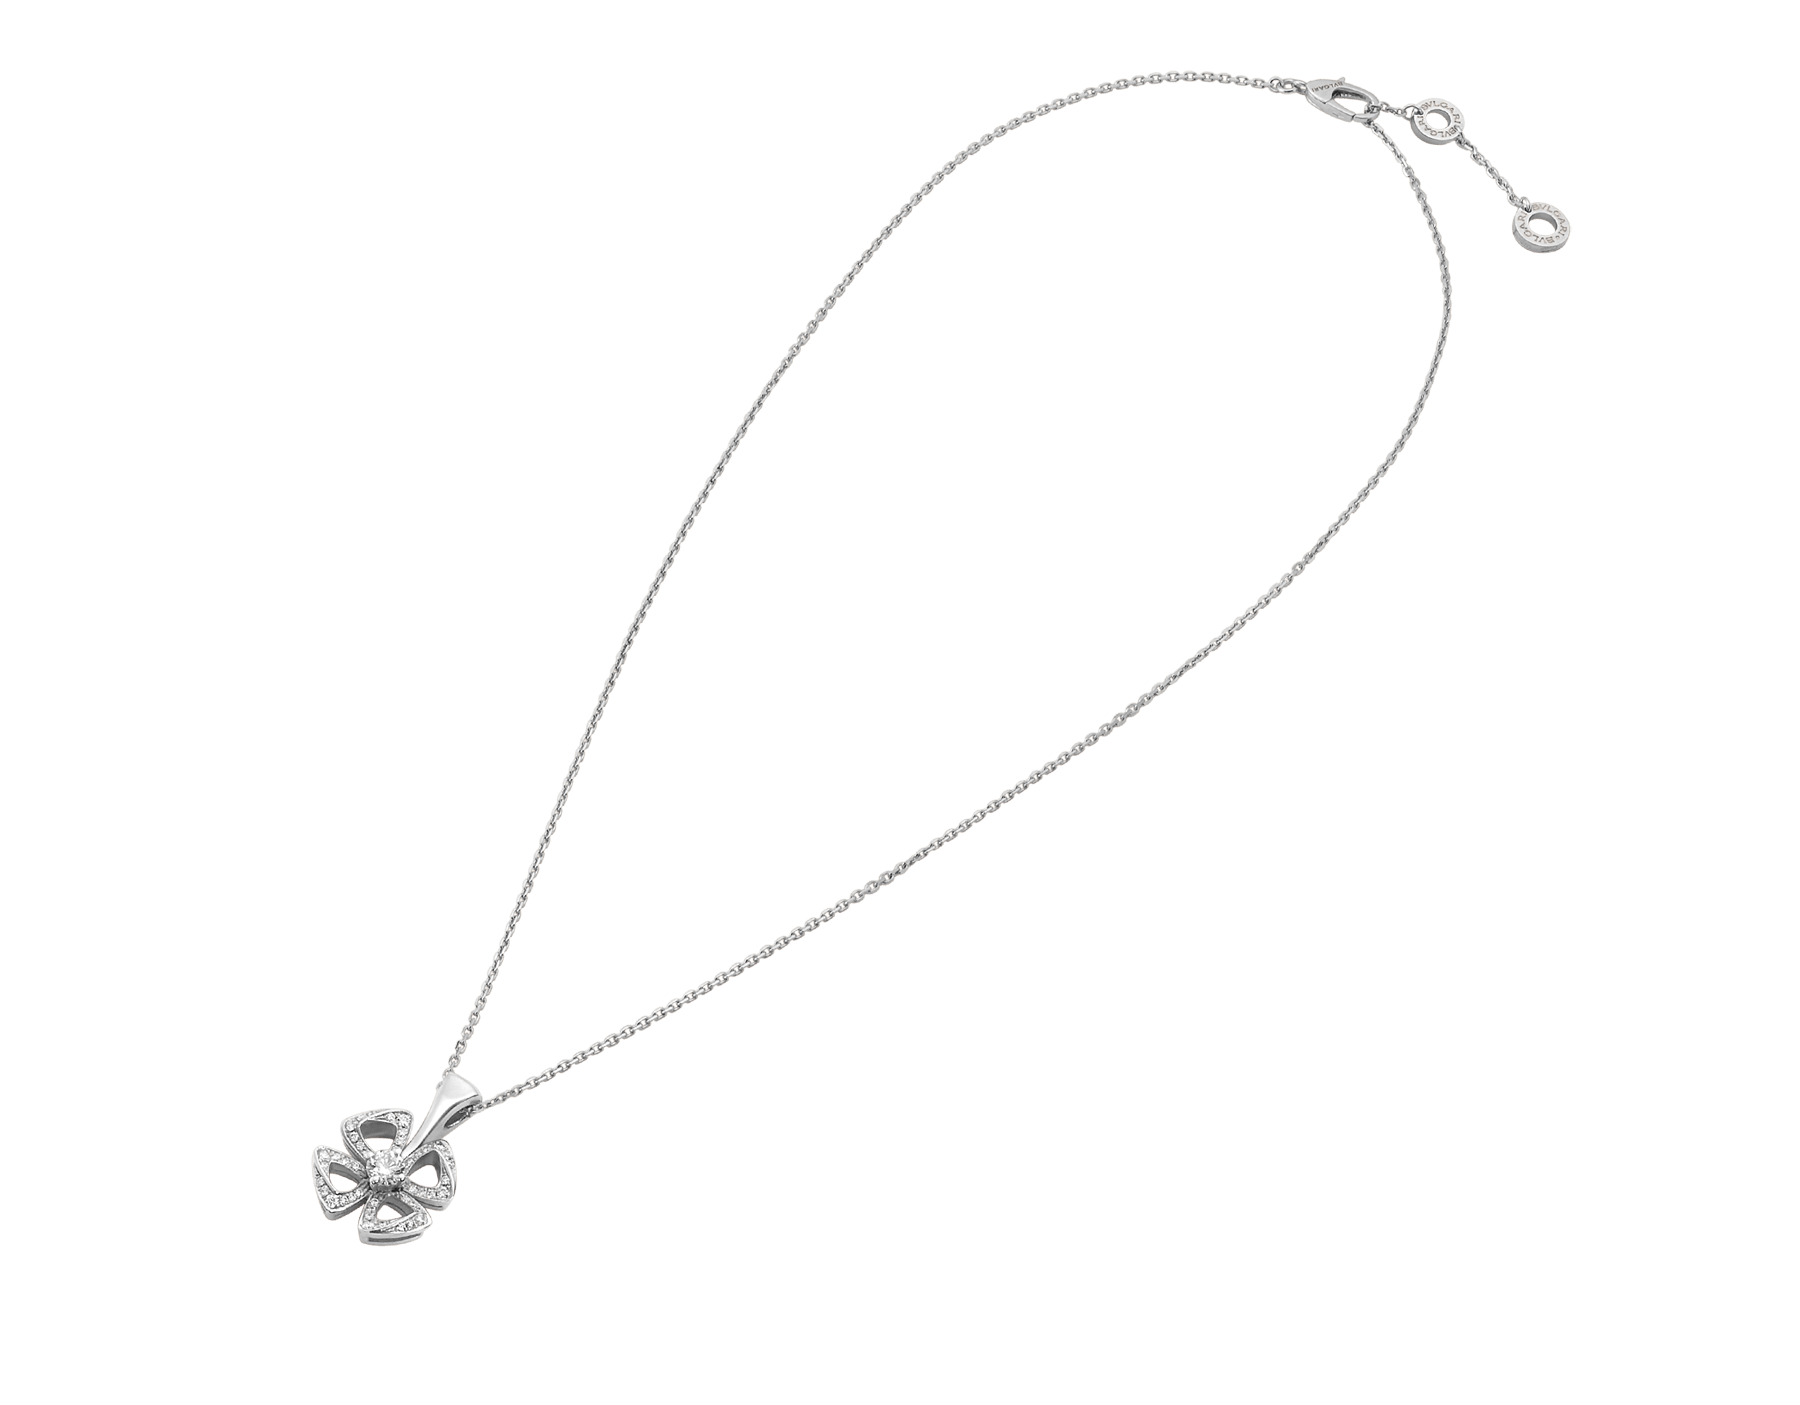 Colar Fiorever em ouro branco 18K cravejado com um diamante central lapidação brilhante (0,10ct) e pavê de diamantes (0,06ct) 358157 image 2